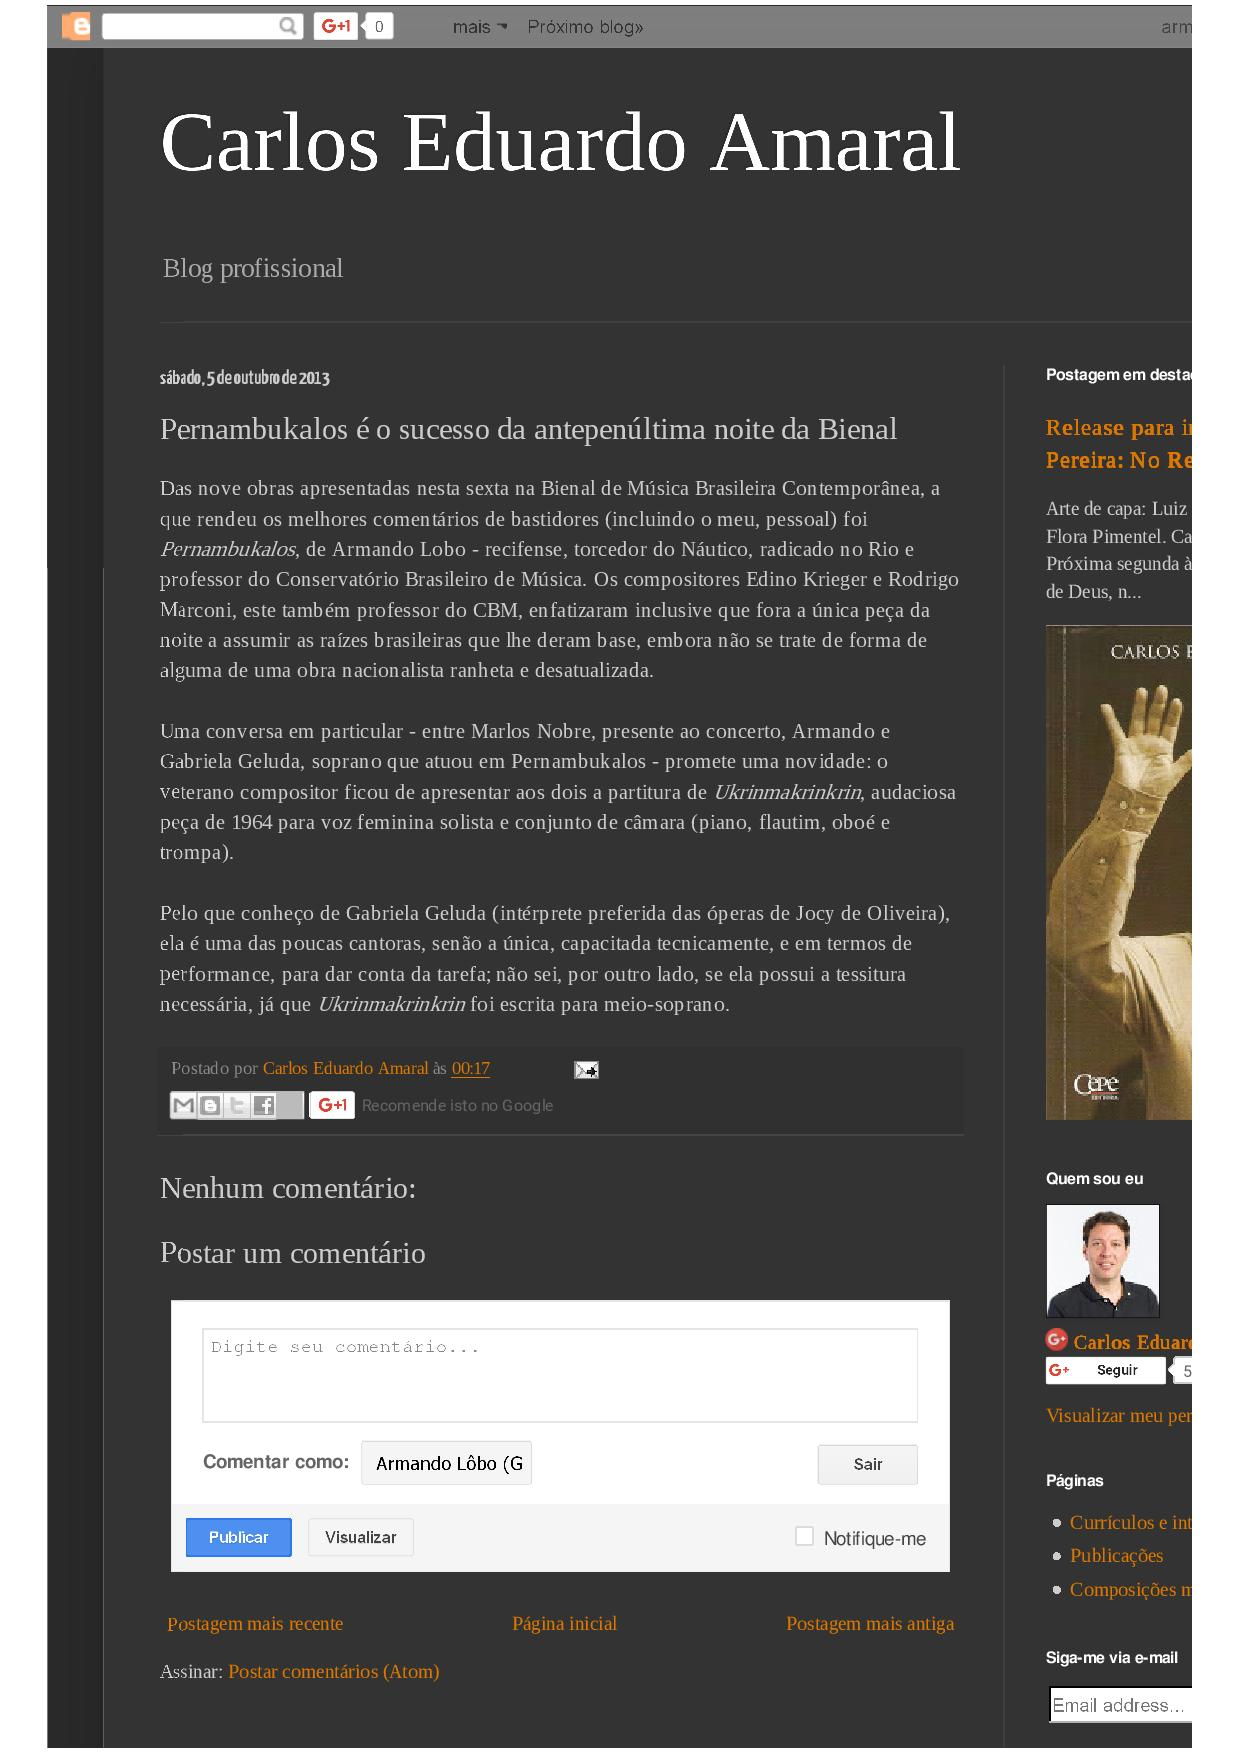 Carlos_Eduardo_Amaral__Pernambukalos_é_o_sucesso_da_antepenúltima_noite_da_Bienal-page-001